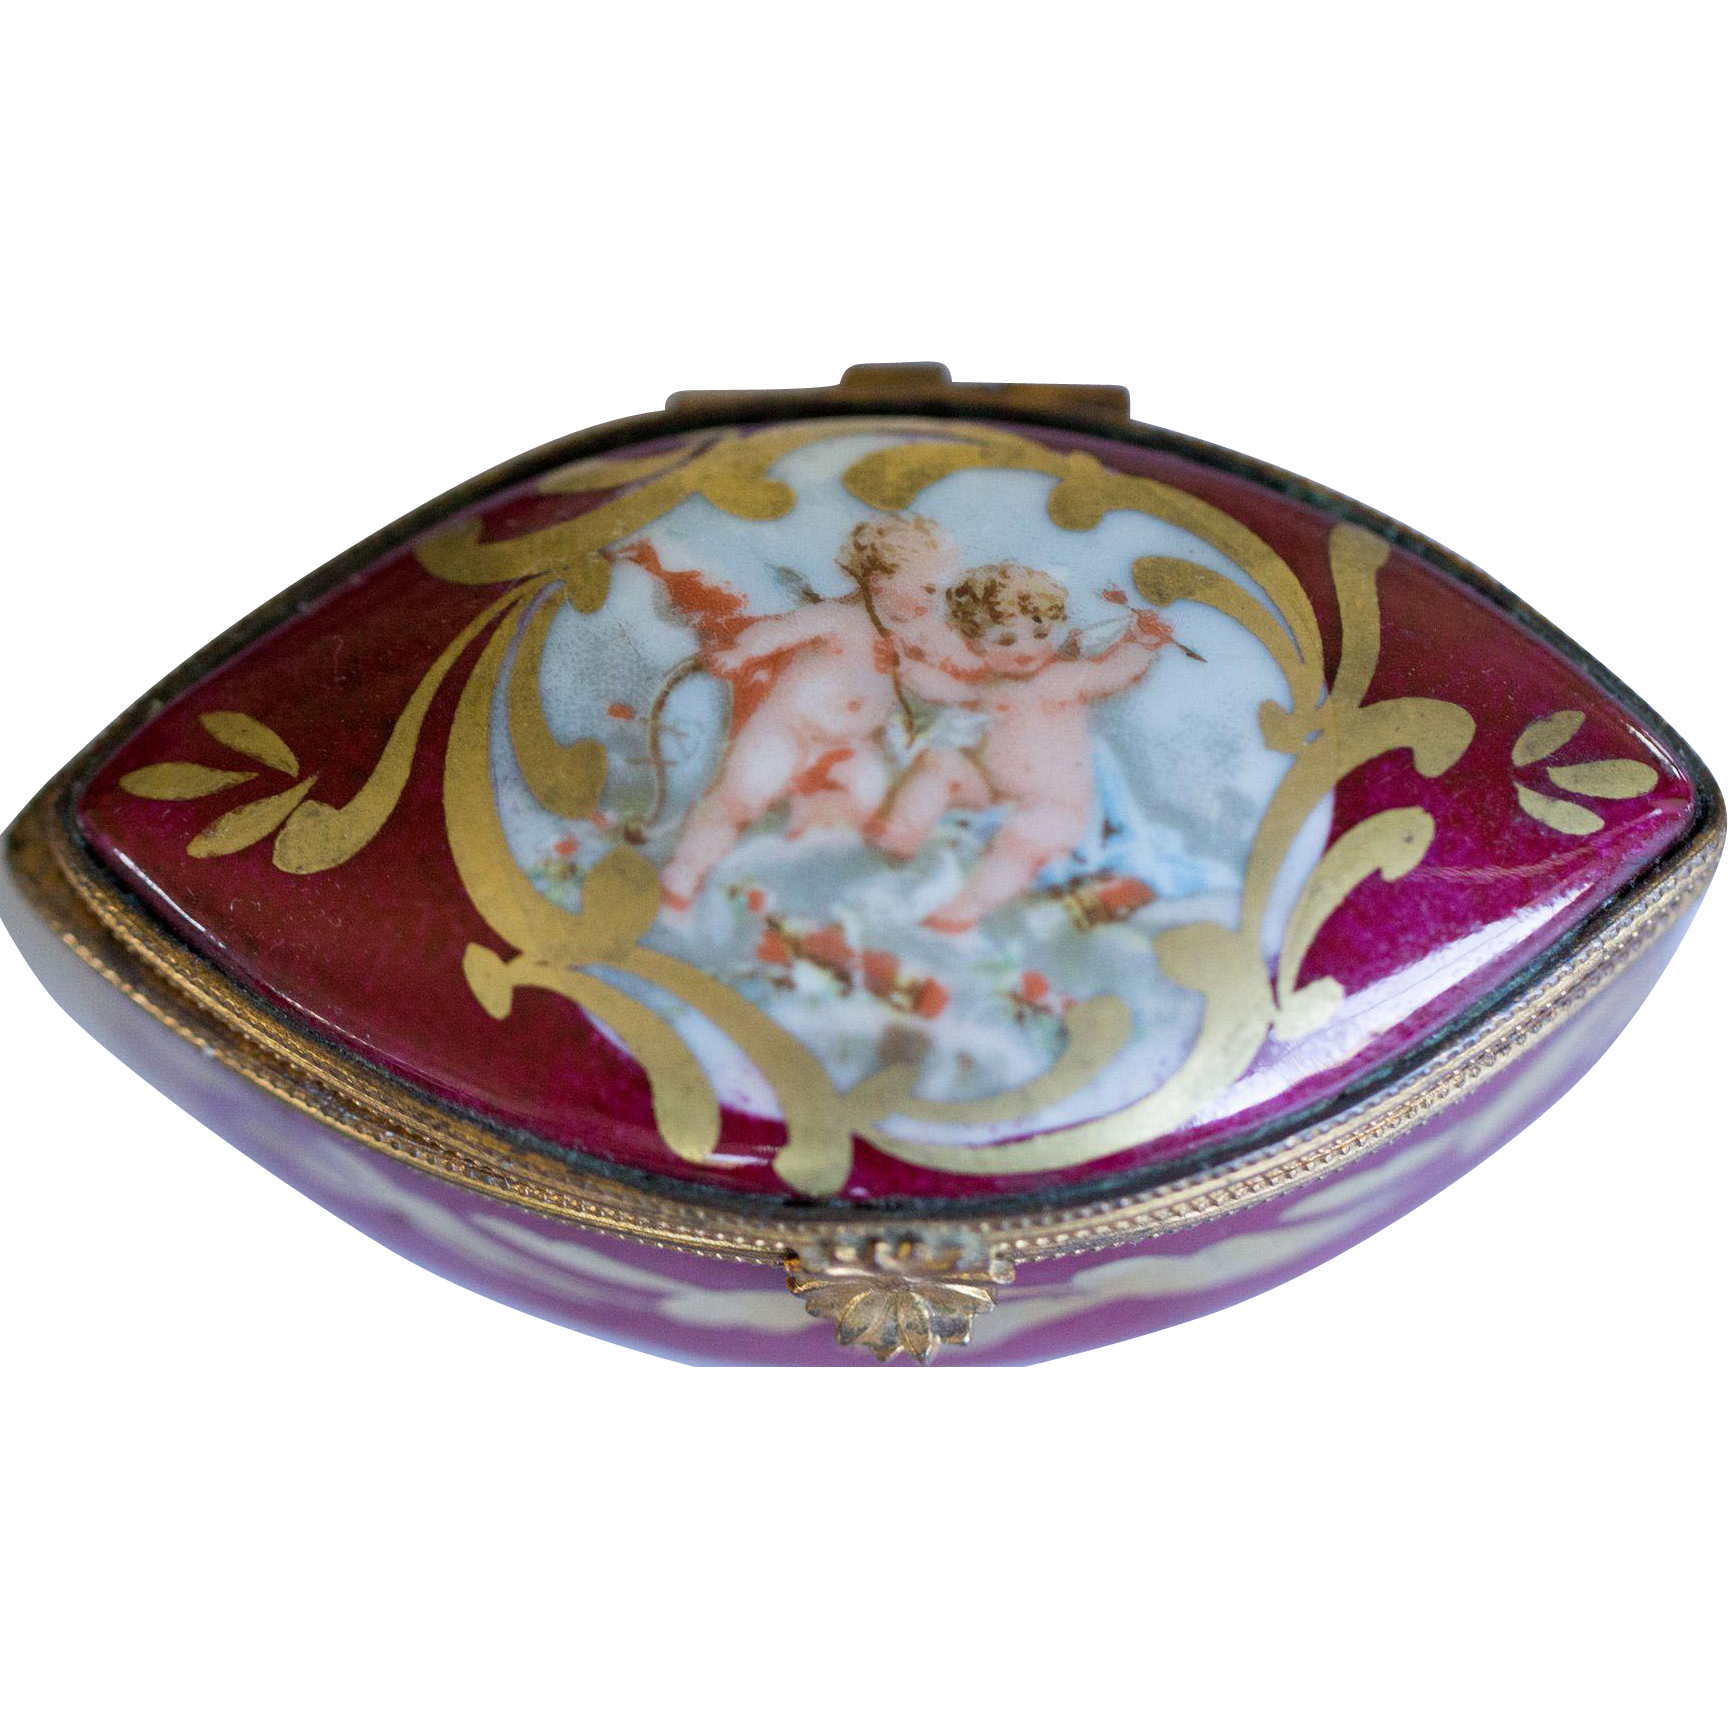 Lovely Vintage Limoges Box Depicting Angels Or Cupids Sold